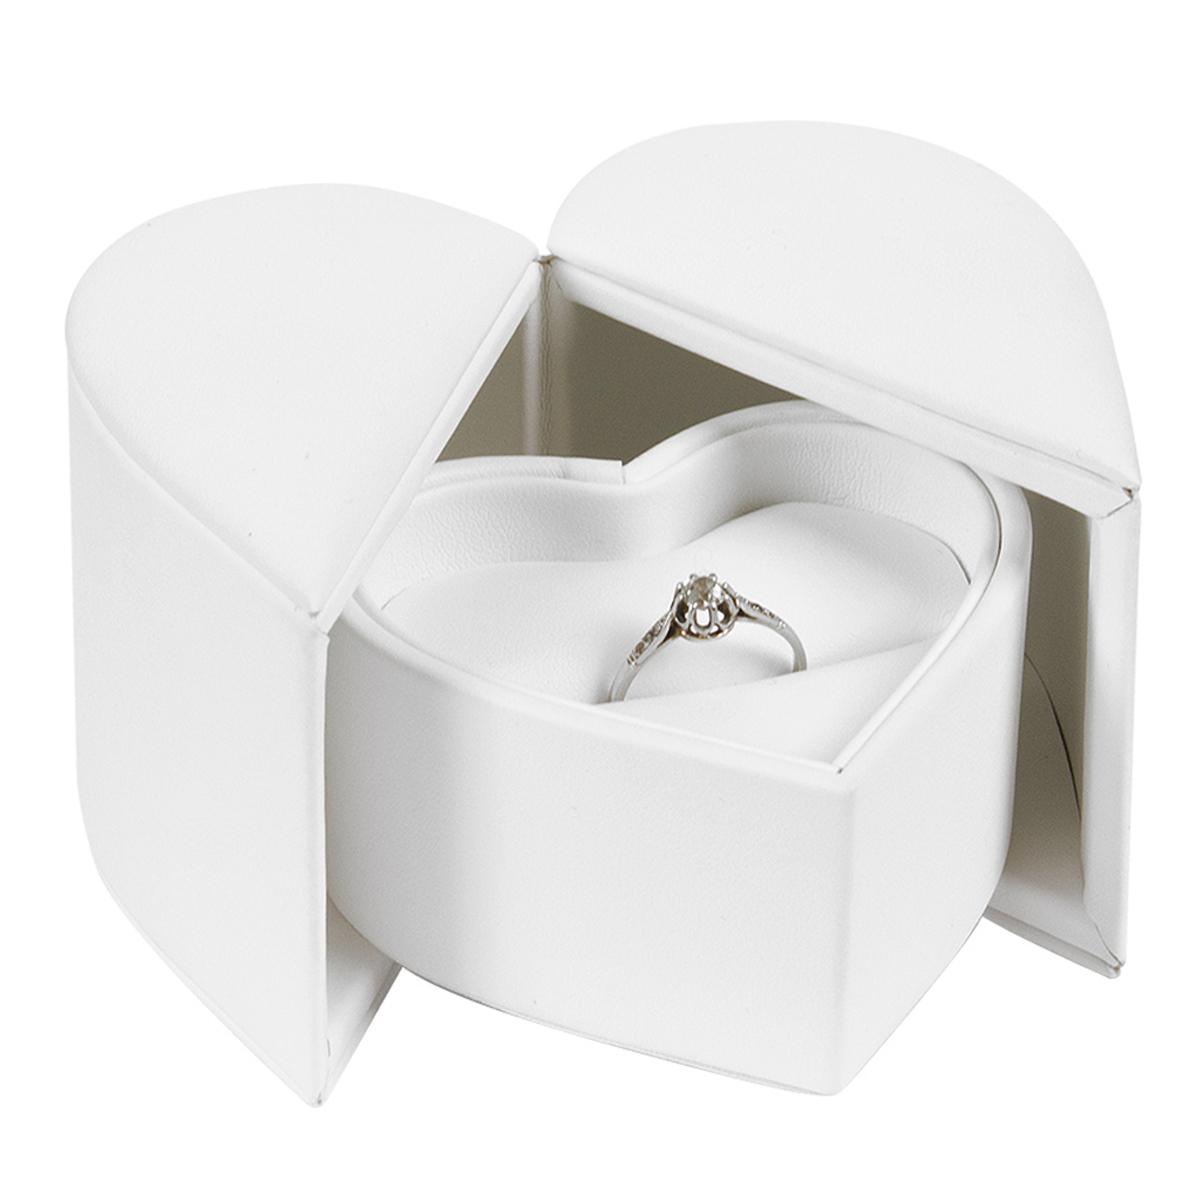 Ecrin Bague \'Veux-tu m\'épouser ?\' blanc - 85x85x60 cm - [P6542]